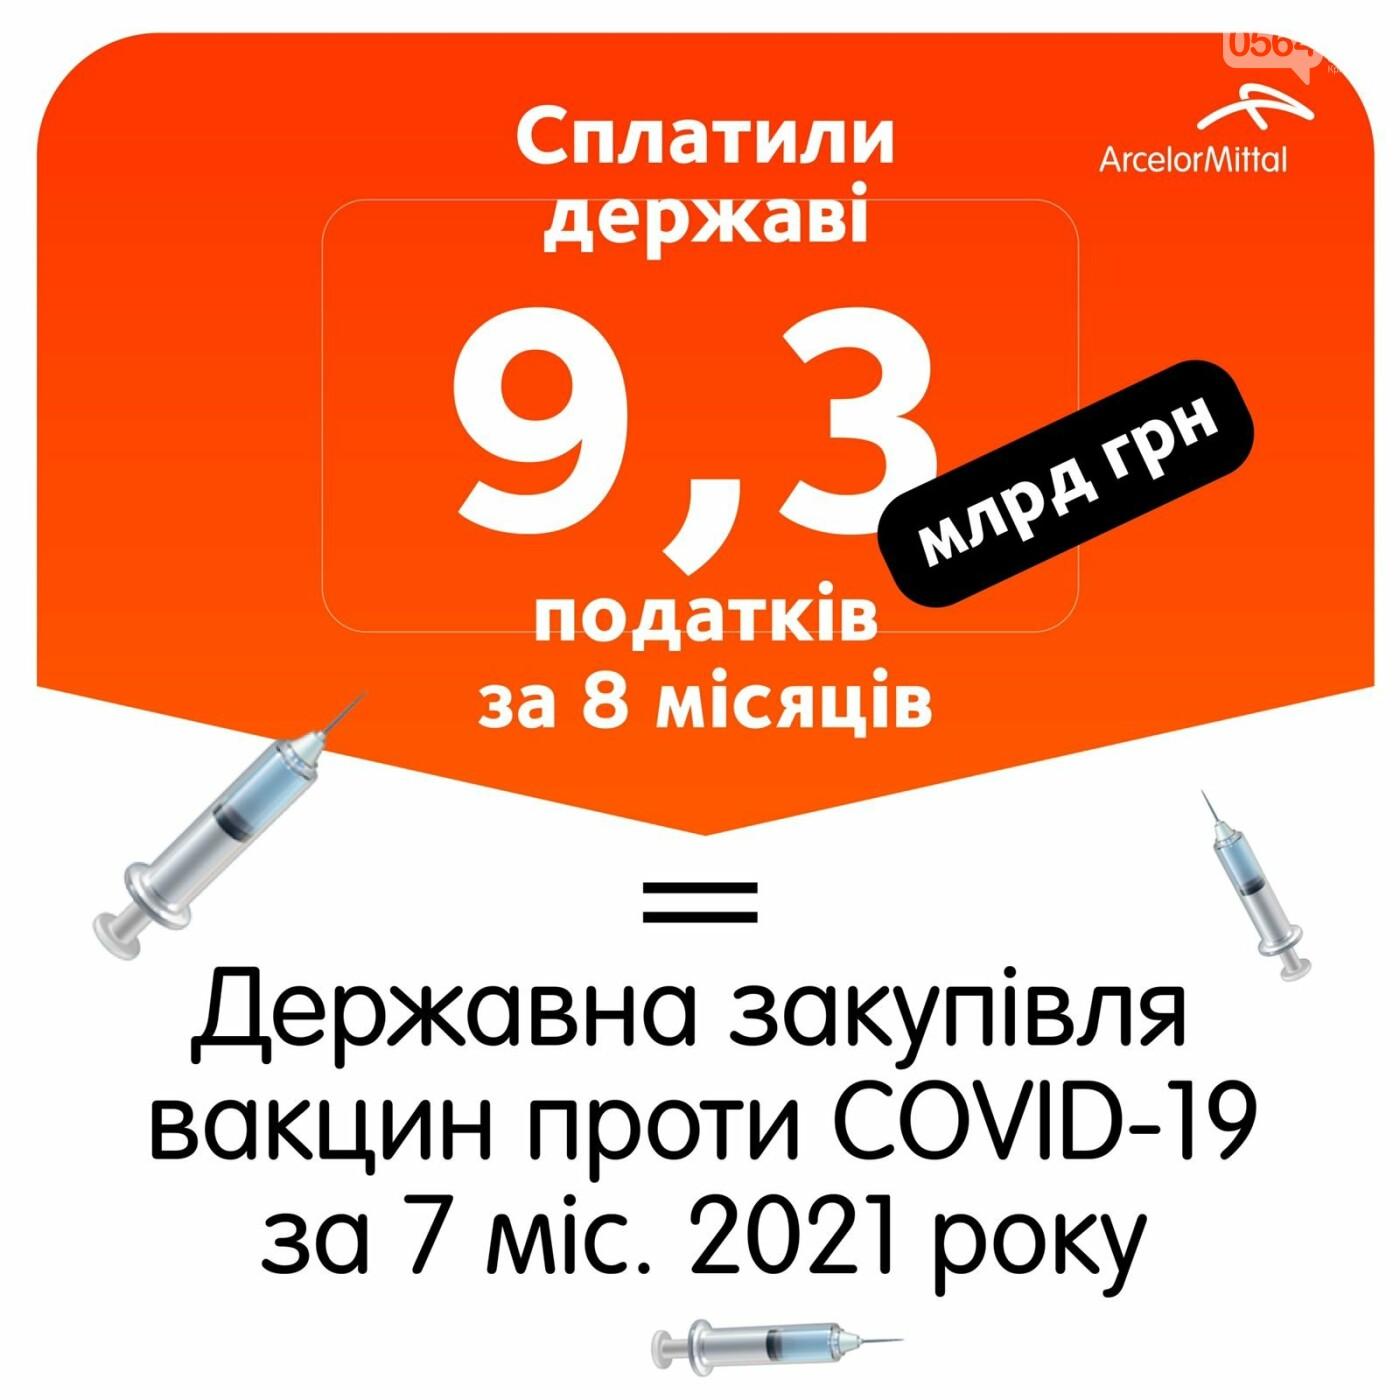 Налоговые платежи АрселорМиттал Кривой Рог за 8 месяцев 2021 года увеличились более чем в два раза по сравнению с аналогичным периодом про..., фото-2